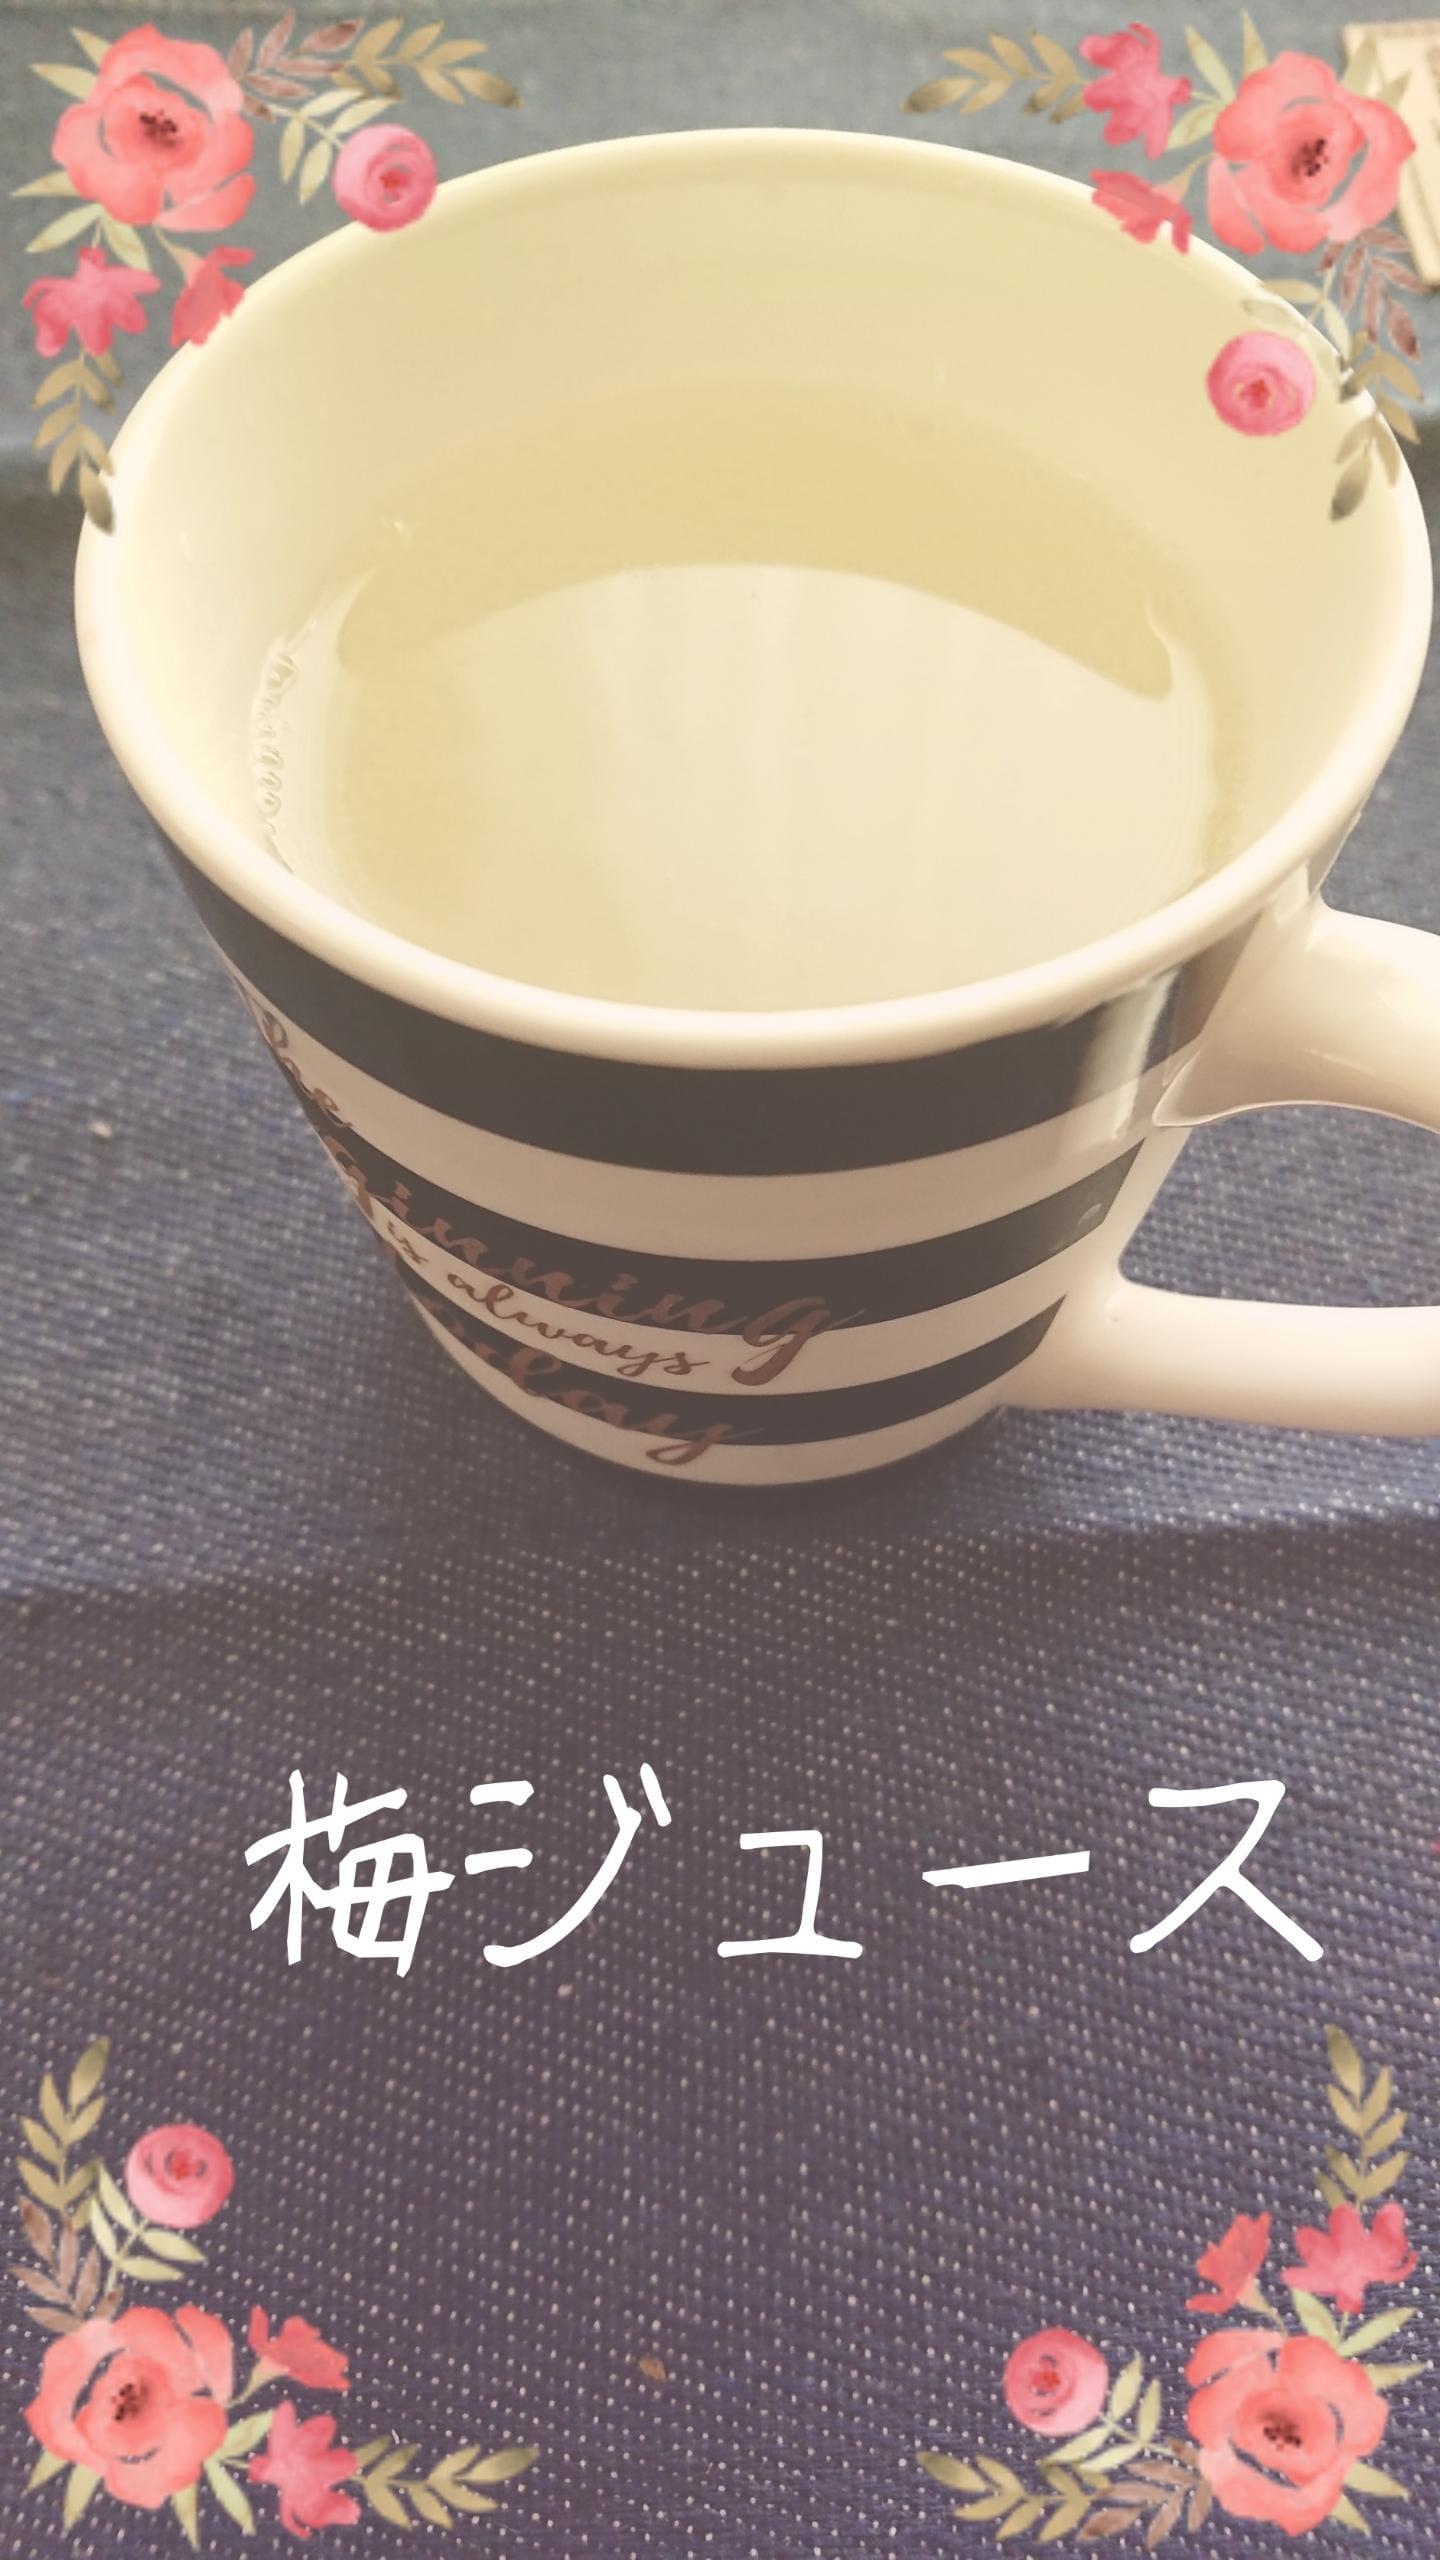 満里奈(まりな)「完成〜(^^)」06/18(月) 18:25 | 満里奈(まりな)の写メ・風俗動画